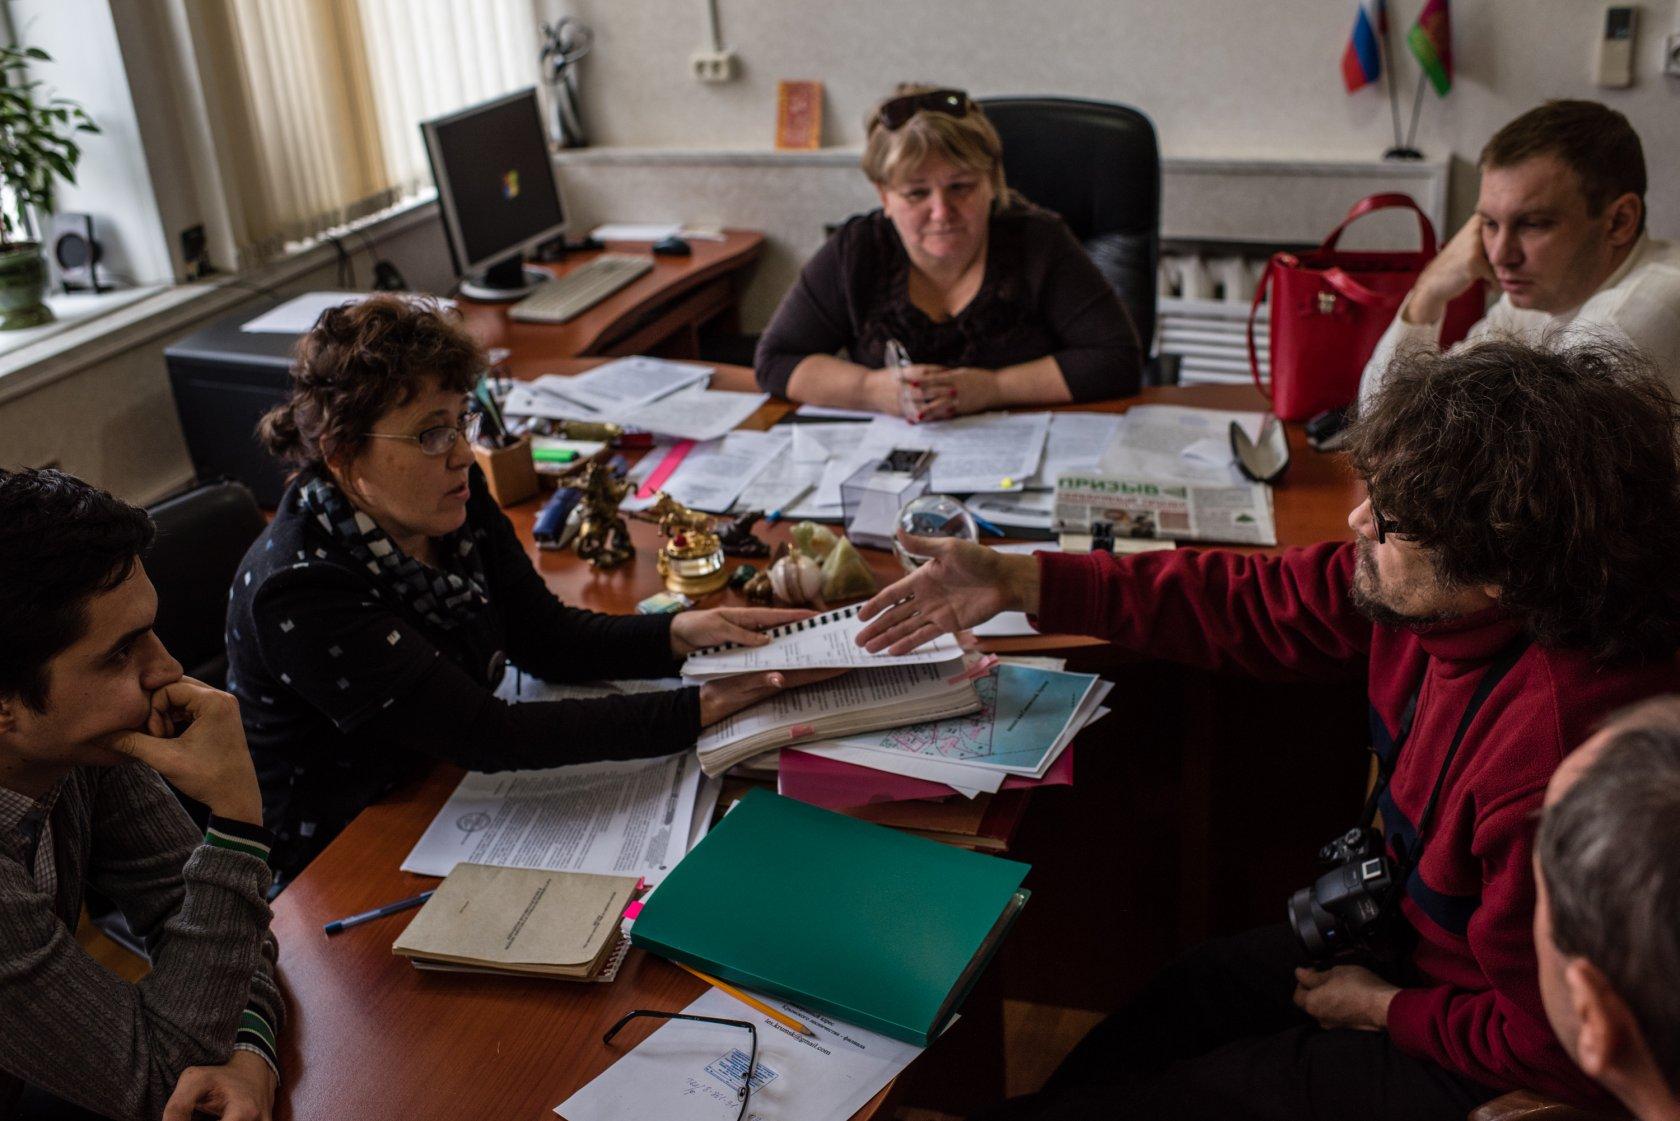 © Алина Десятниченко, Краснодар, Фотоконкурс «Неслучайный свидетель»